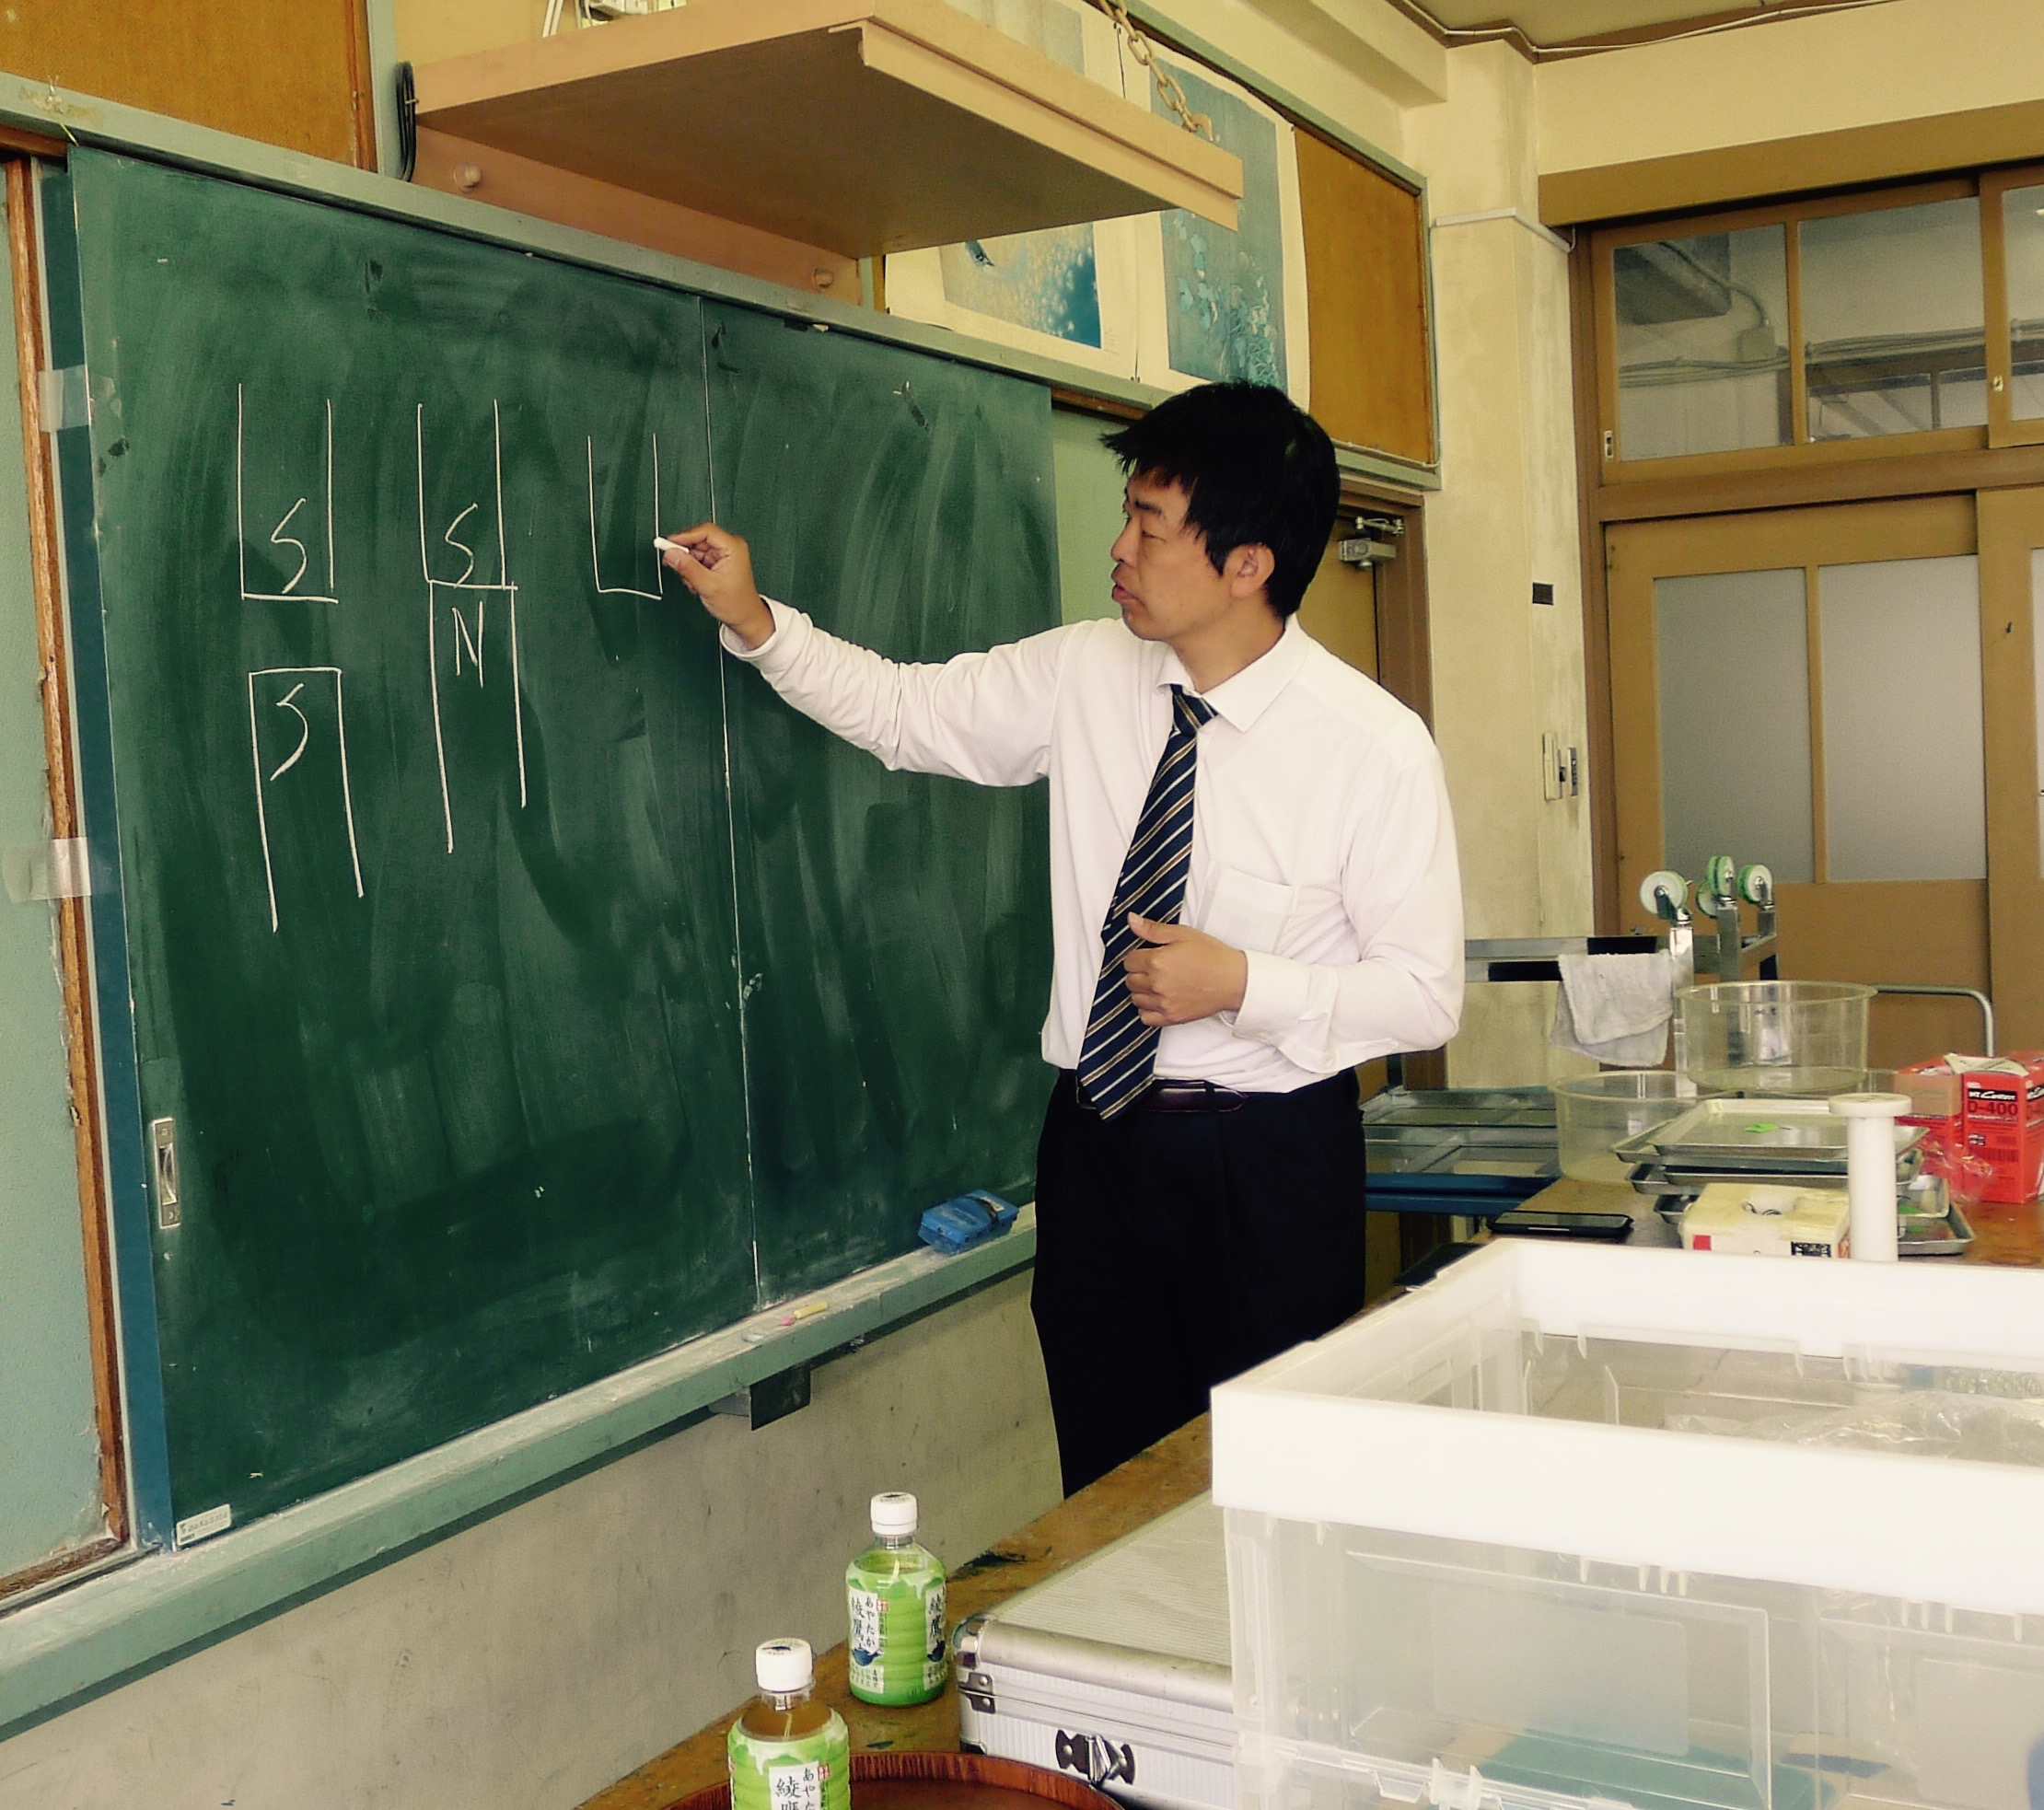 磁石体験教室